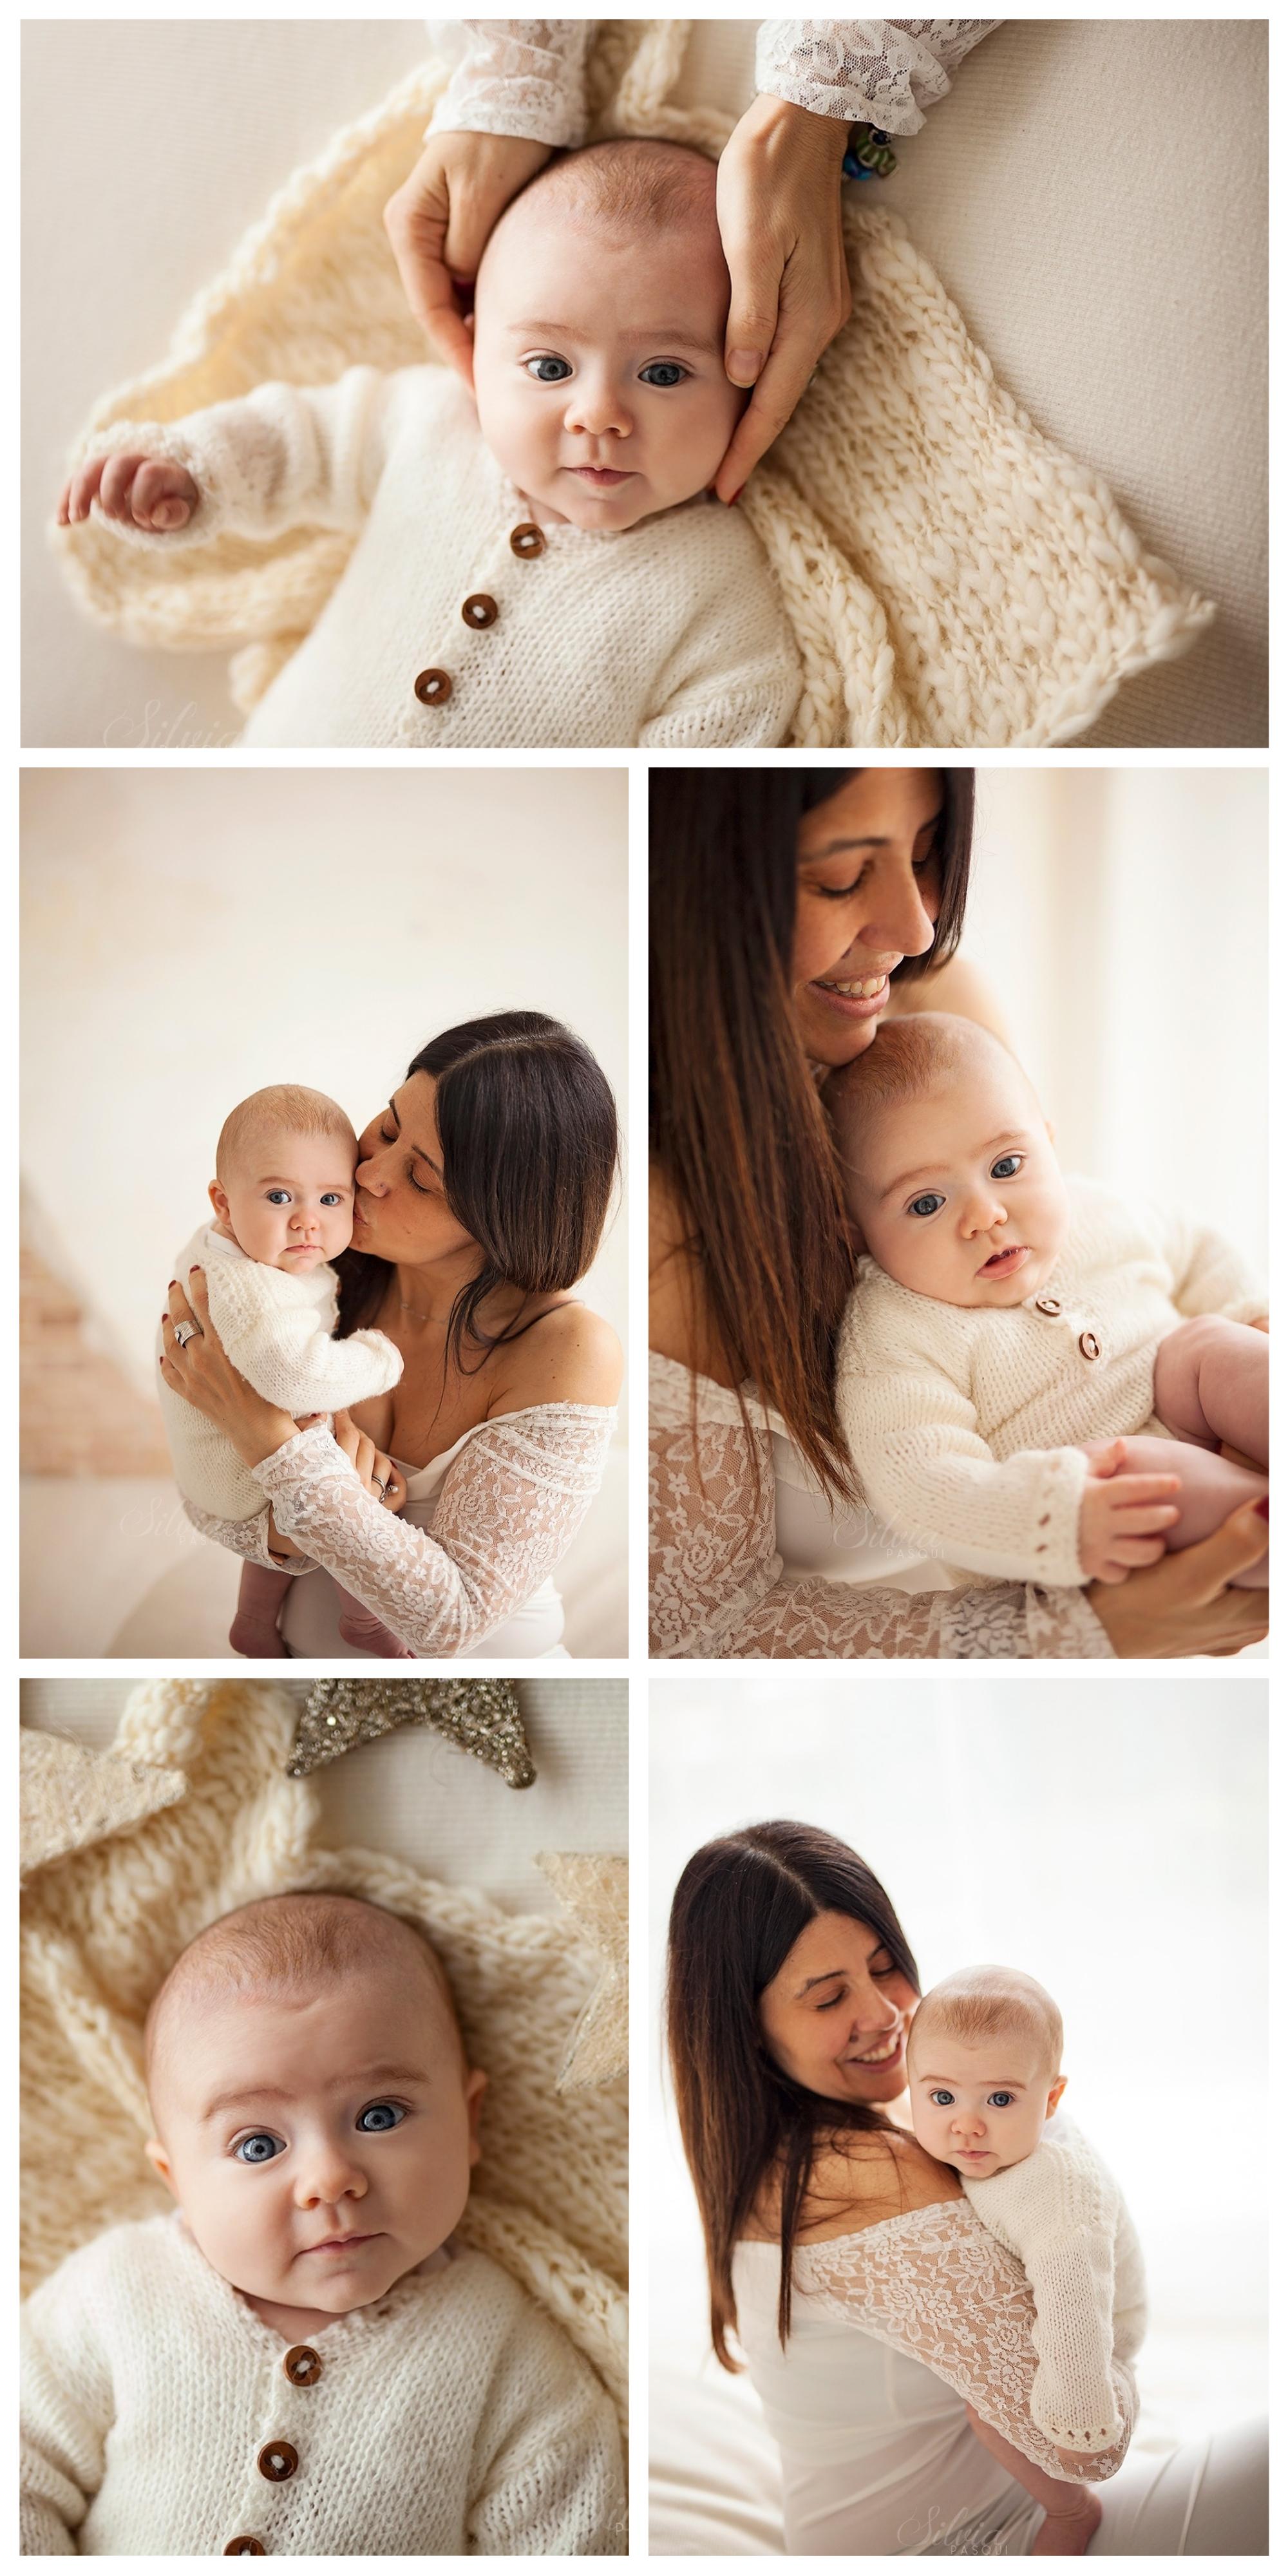 foto bambino tre mesi con mamma